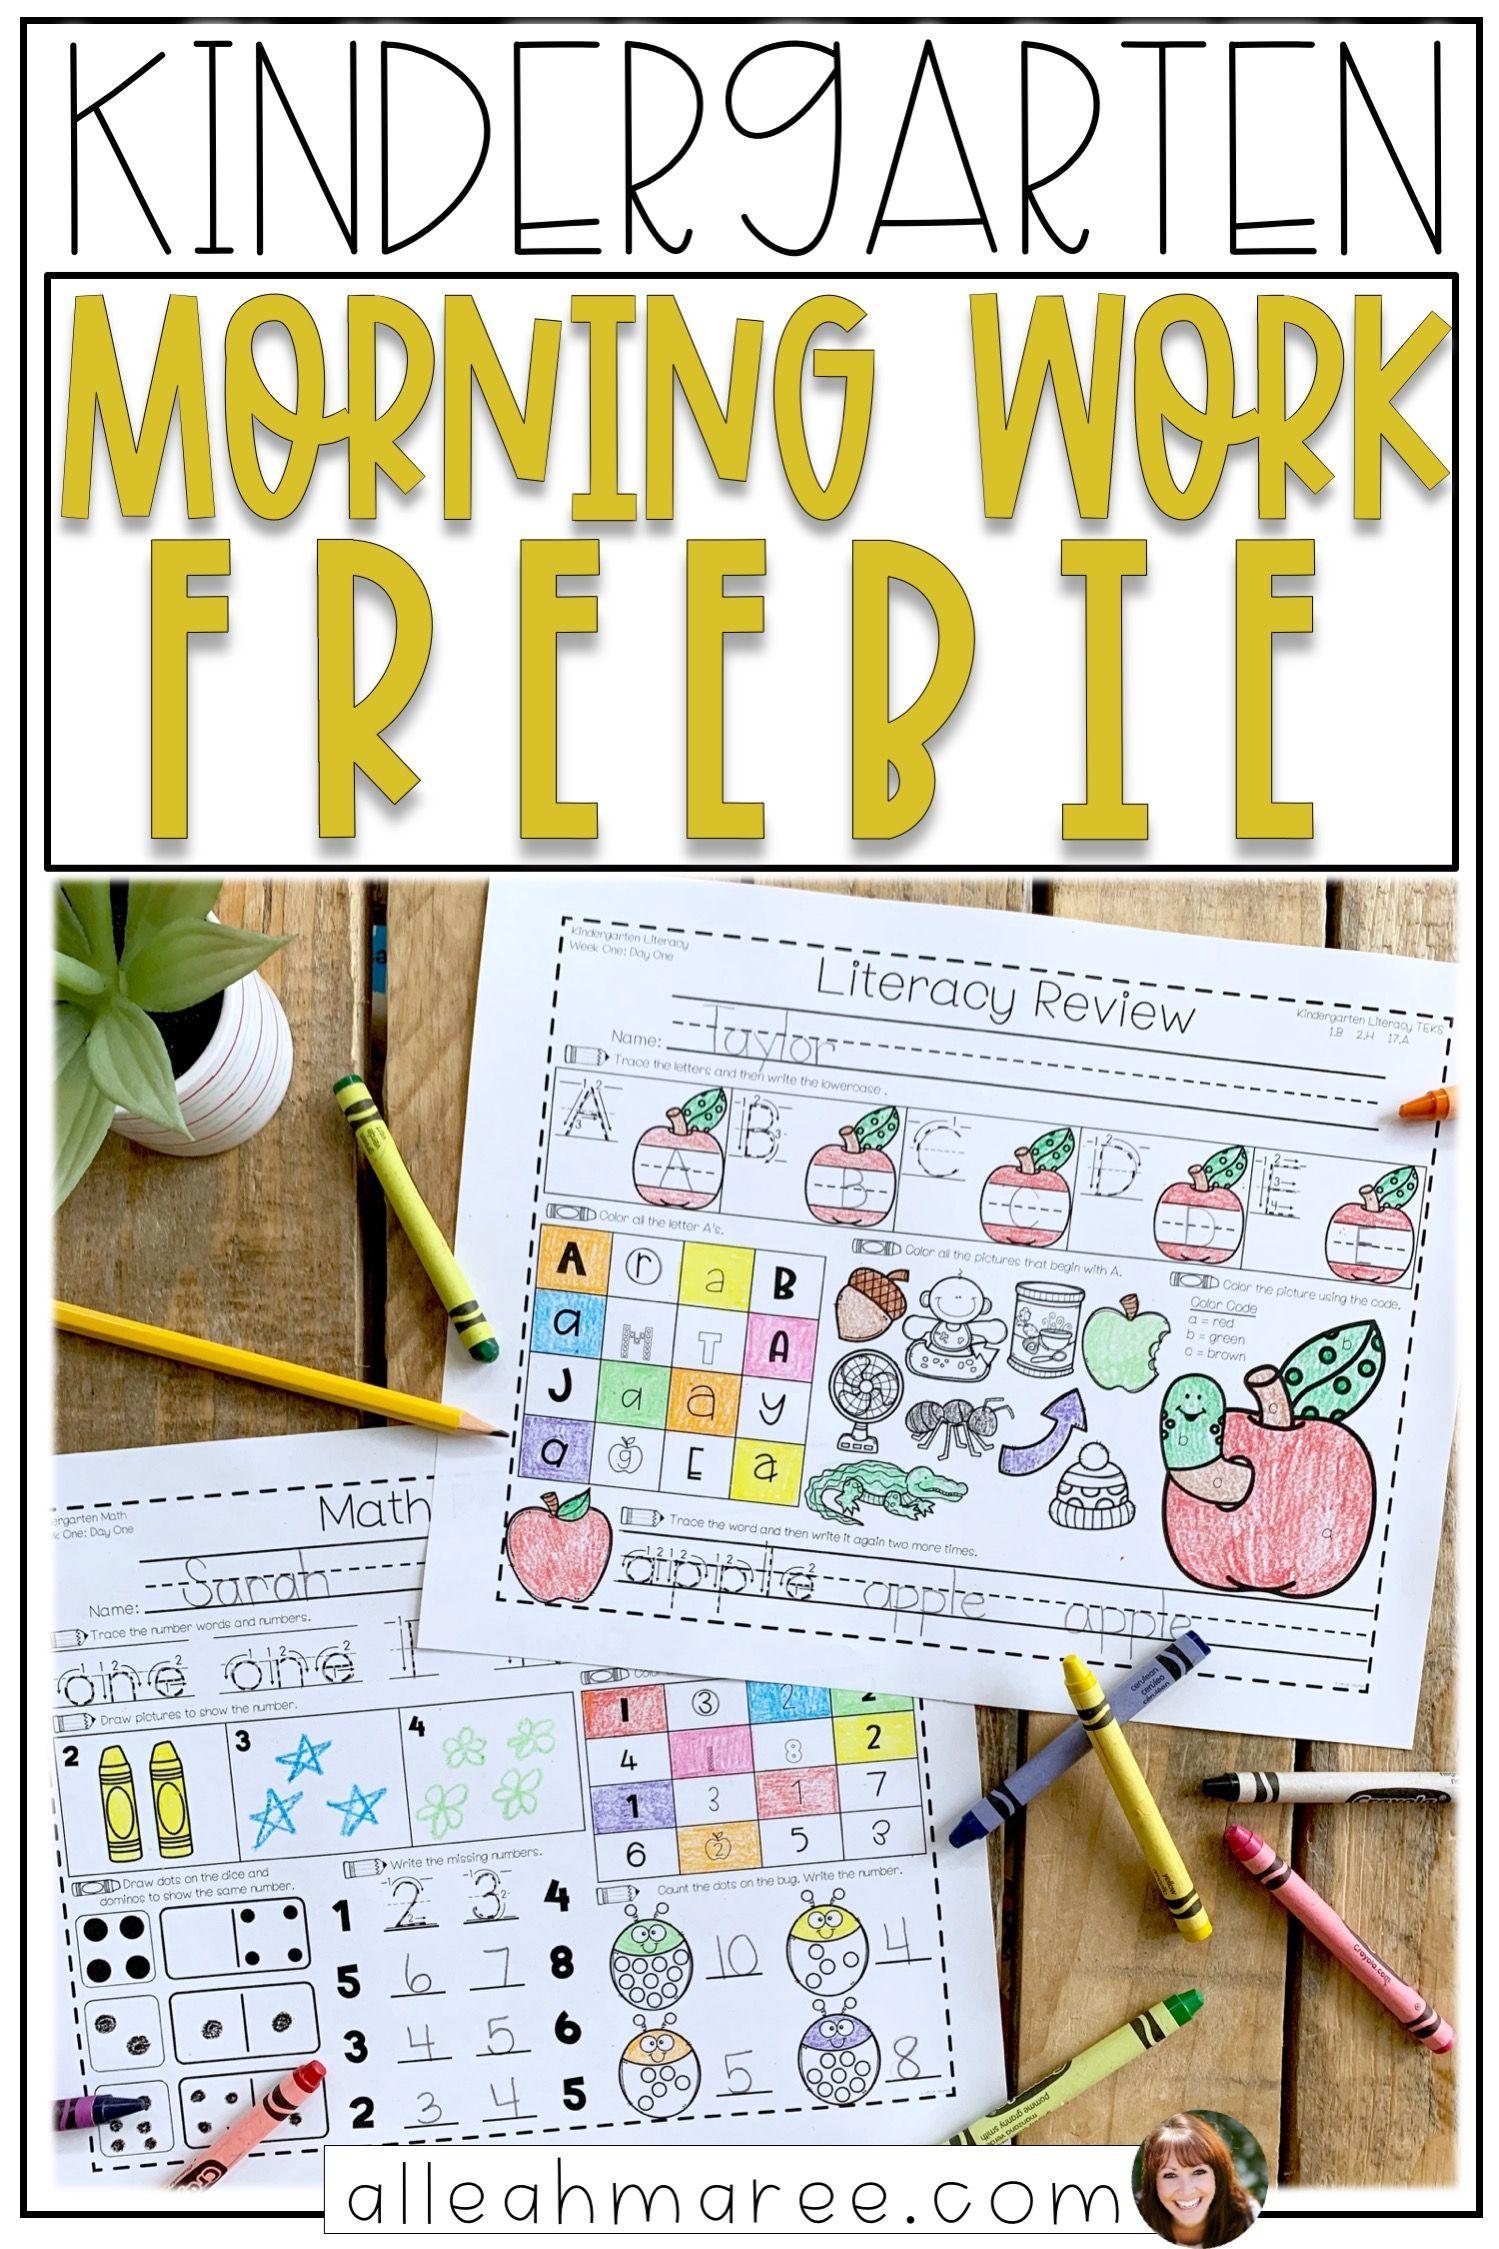 Daily Routine Worksheet Kindergarten